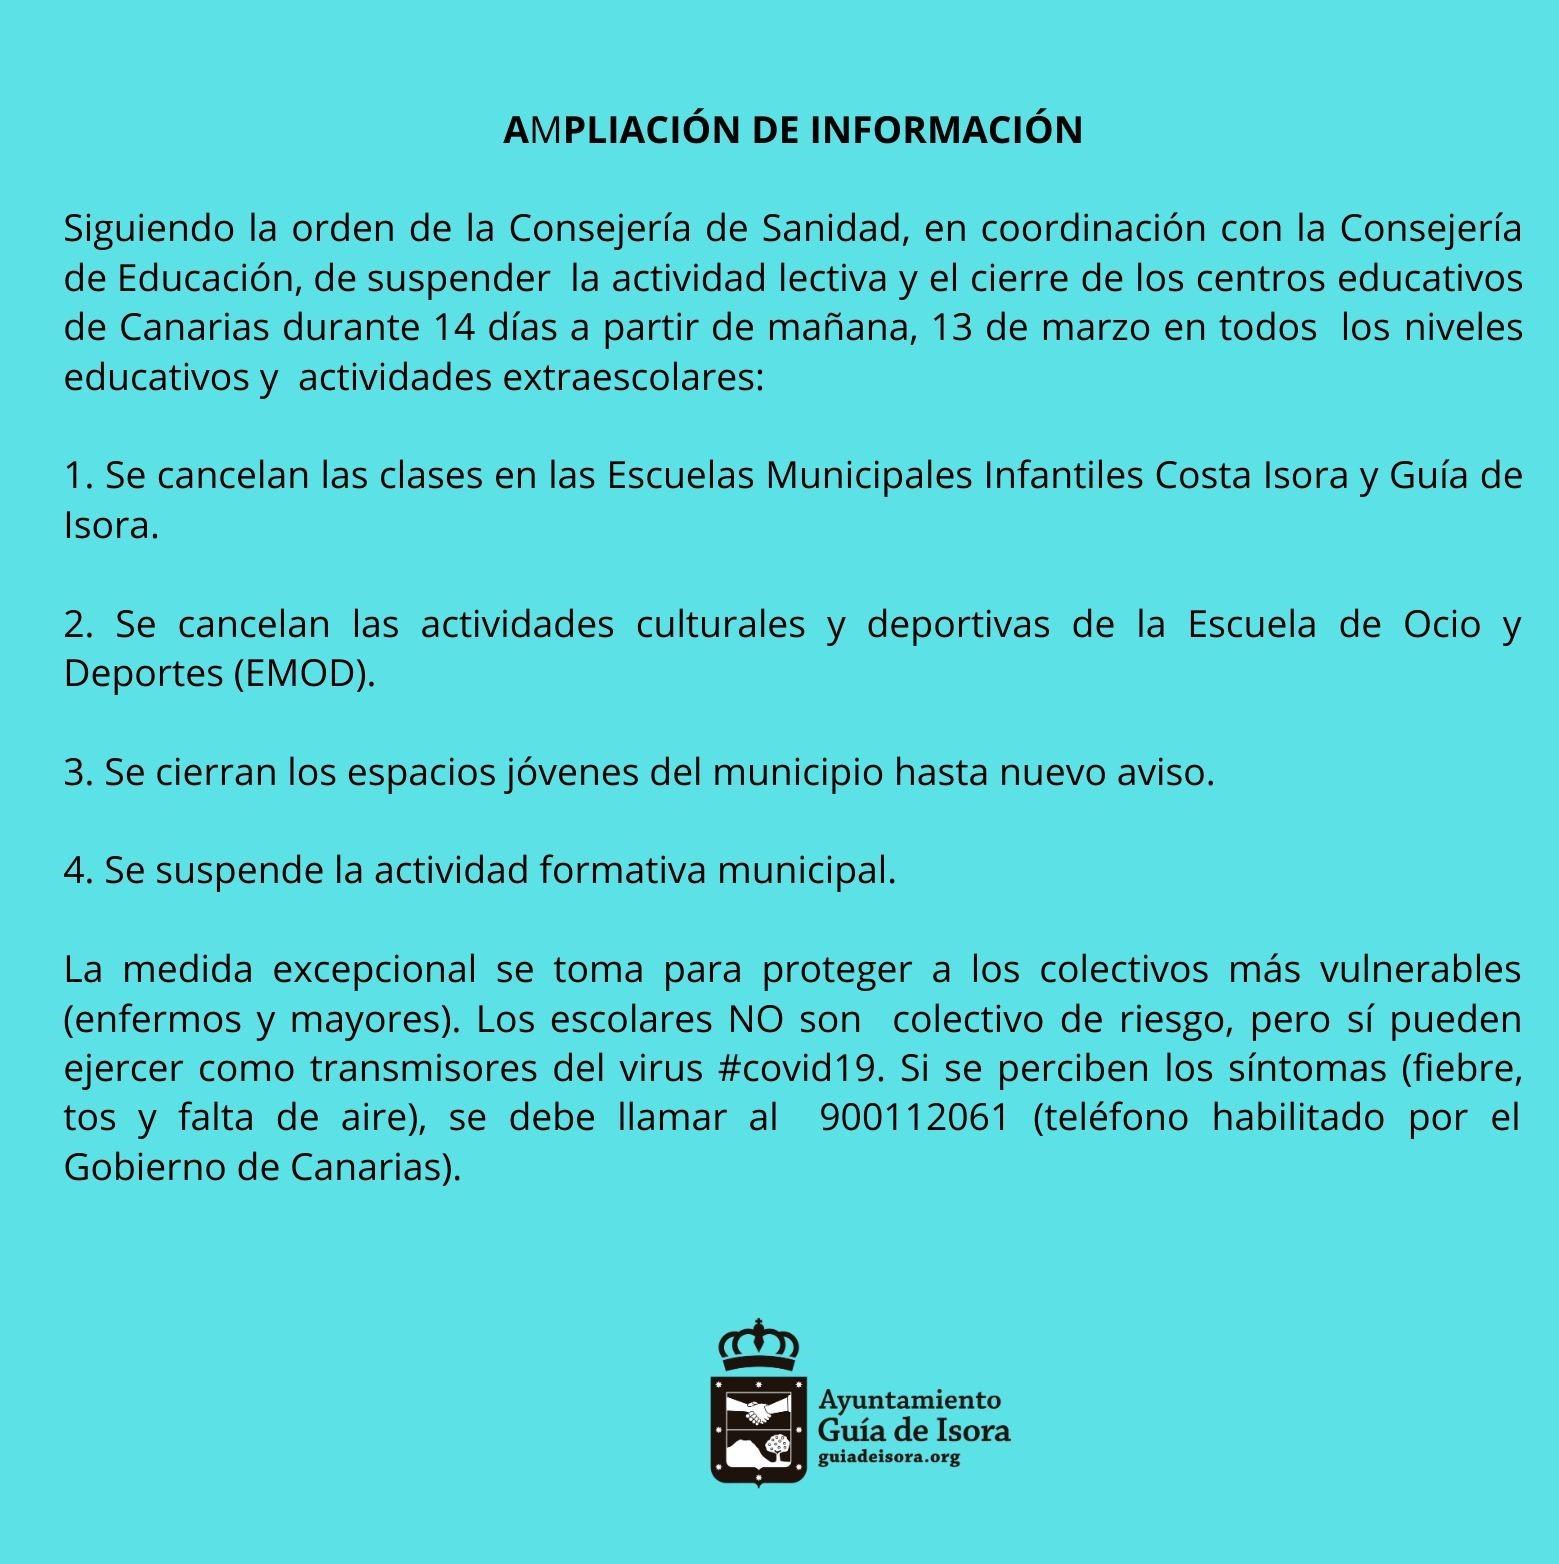 Ampliación De Medidas Para Evitar La Propagación Del Coronavirus Ayuntamiento De Guía De Isora